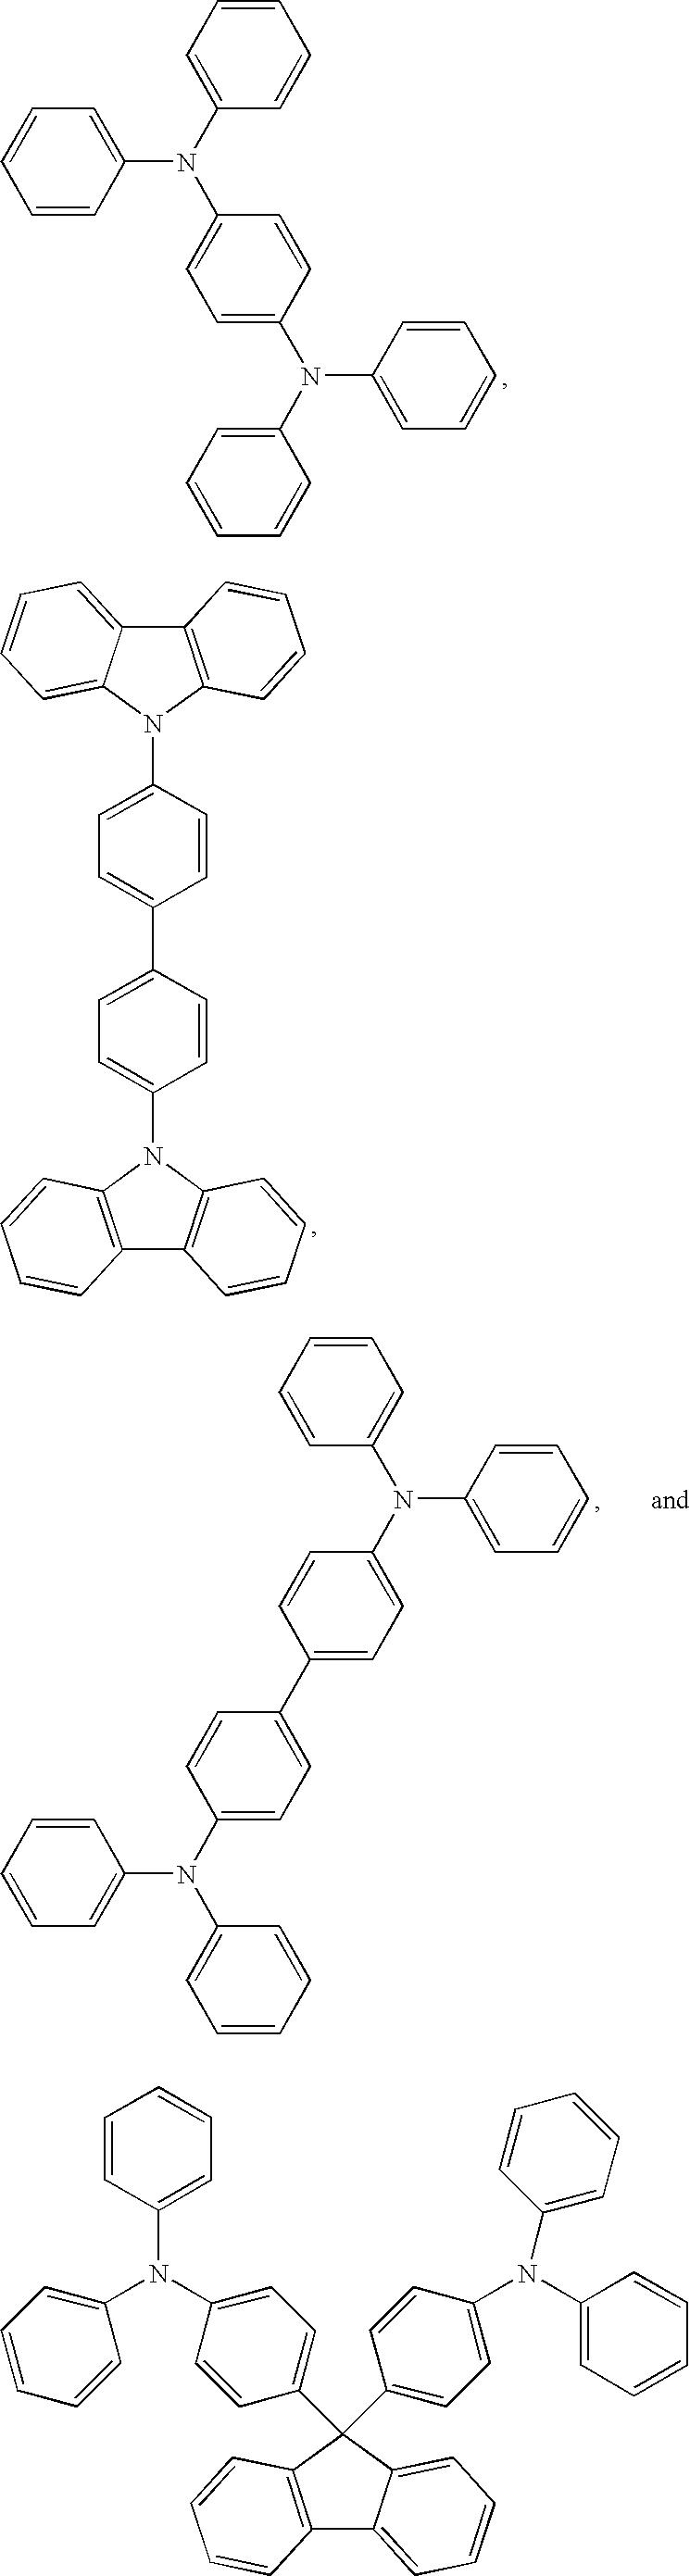 Figure US07192657-20070320-C00079